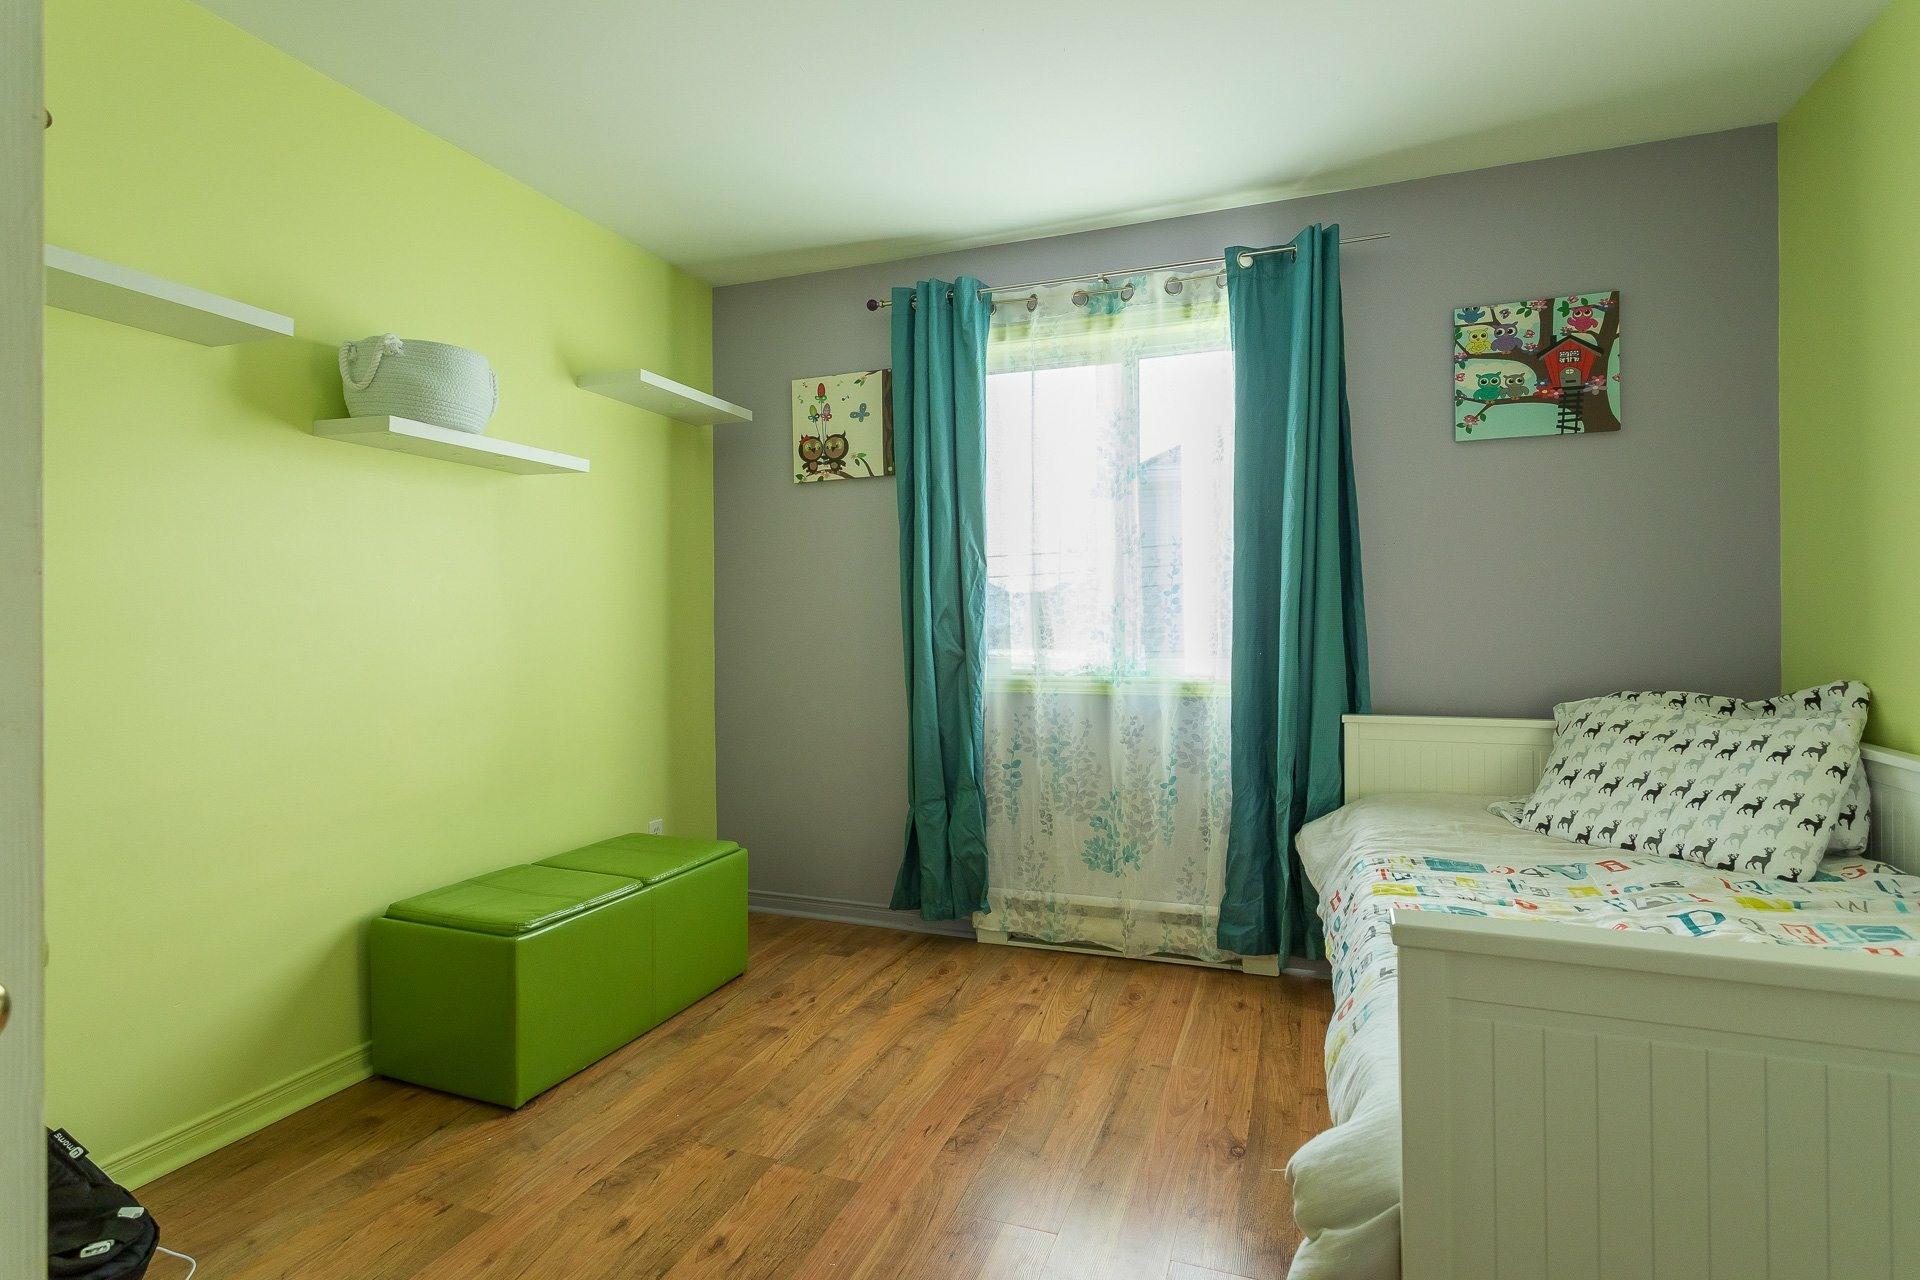 image 20 - House For sale Rivière-des-Prairies/Pointe-aux-Trembles Montréal  - 9 rooms